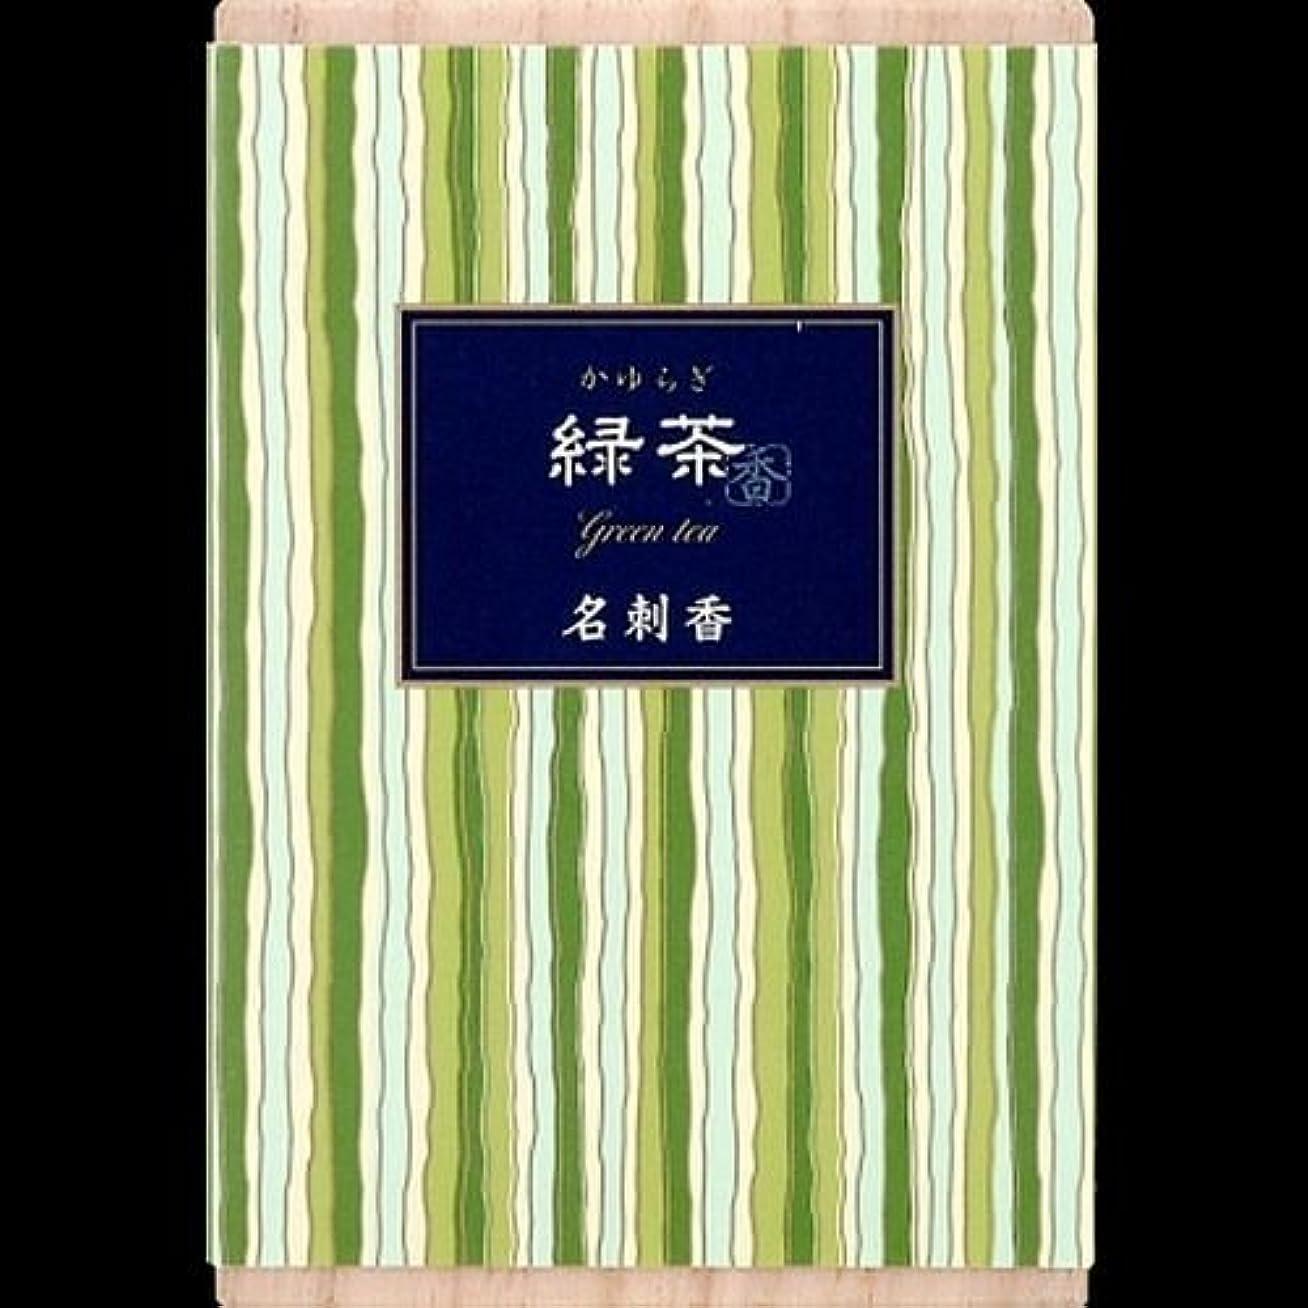 イデオロギー絶滅した舗装【まとめ買い】かゆらぎ 緑茶 名刺香 桐箱 6入 ×2セット